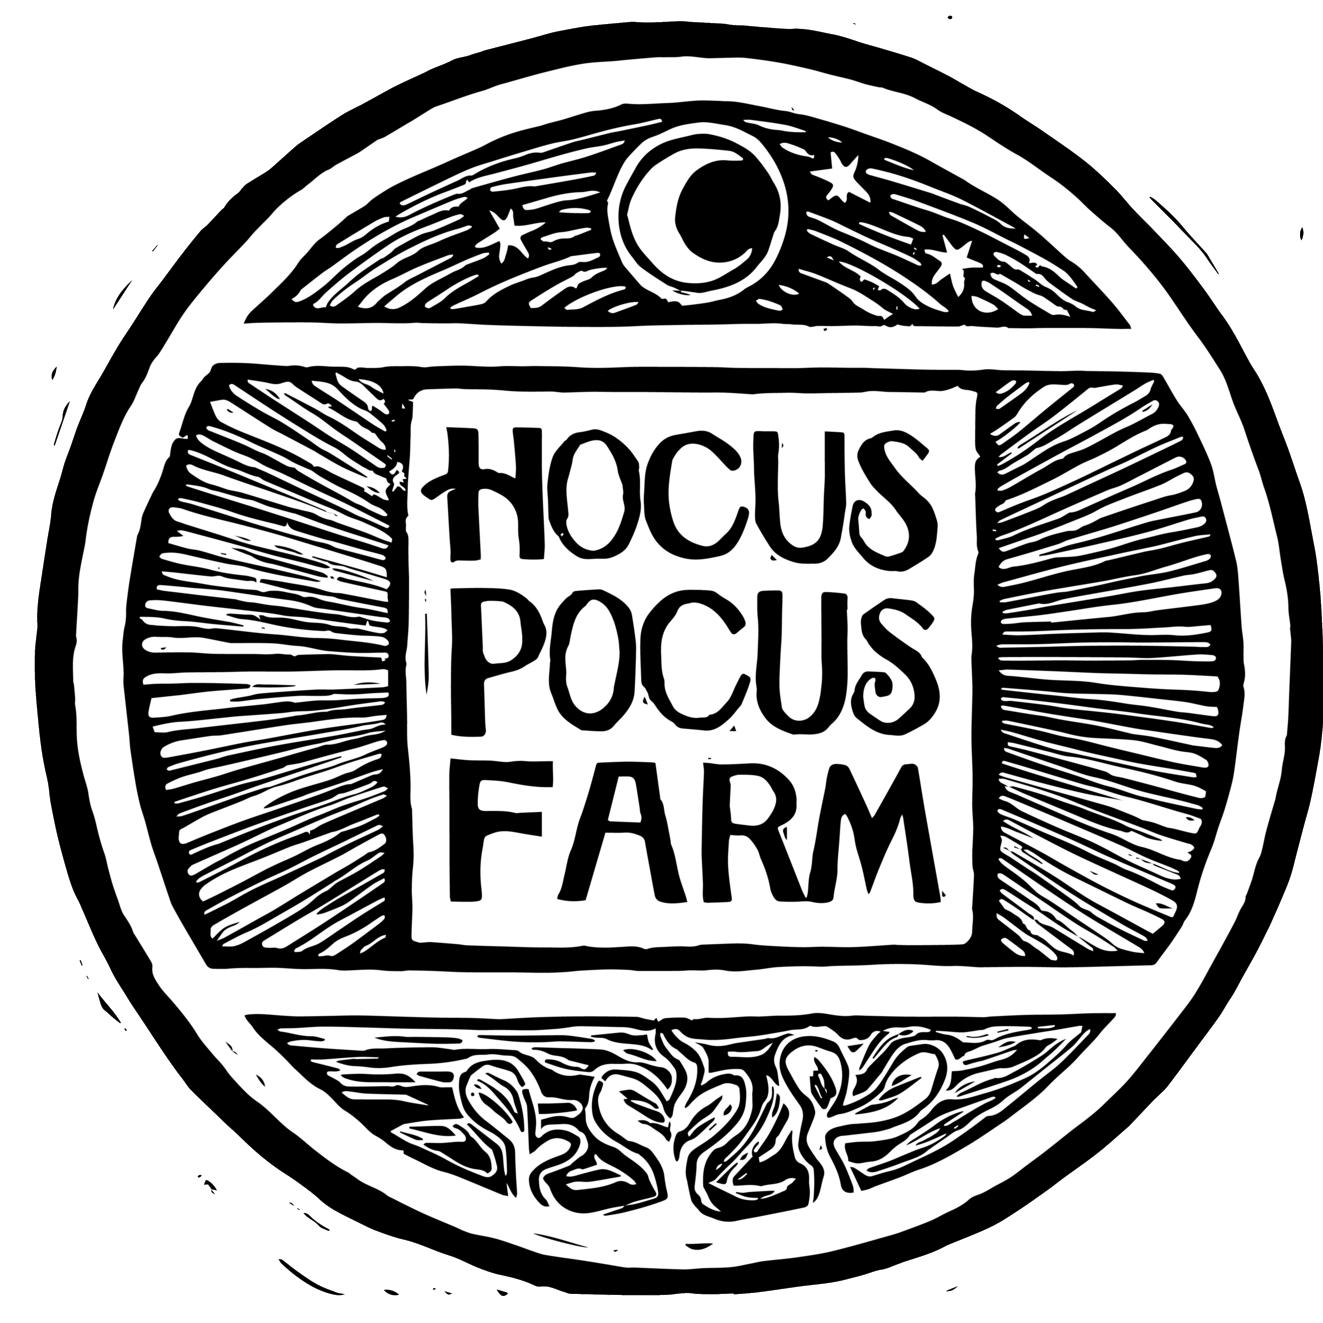 Hocus Pocus Farm Logo